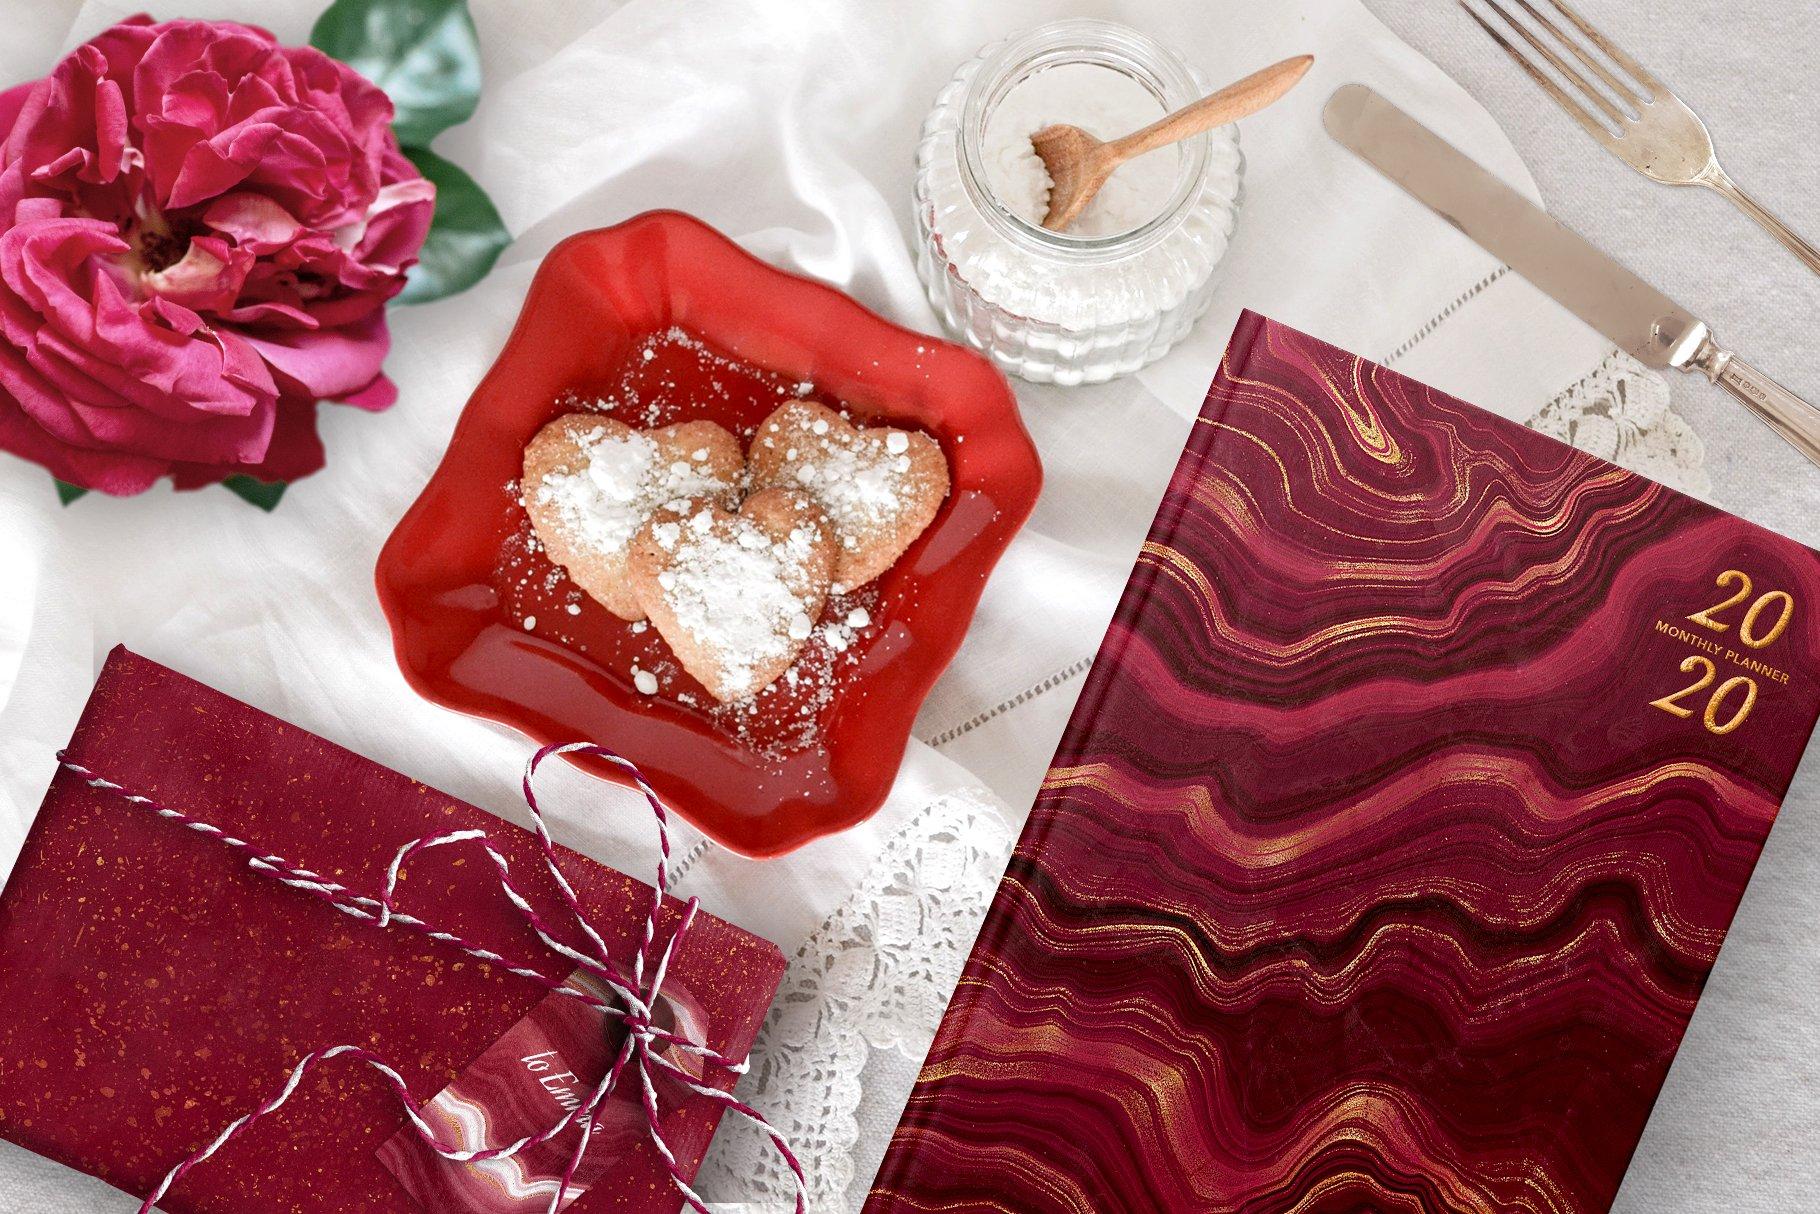 10款抽象奢华红色玛瑙石金箔纸纹理背景图片设计素材 Gold Veined Red Agate Textures插图4